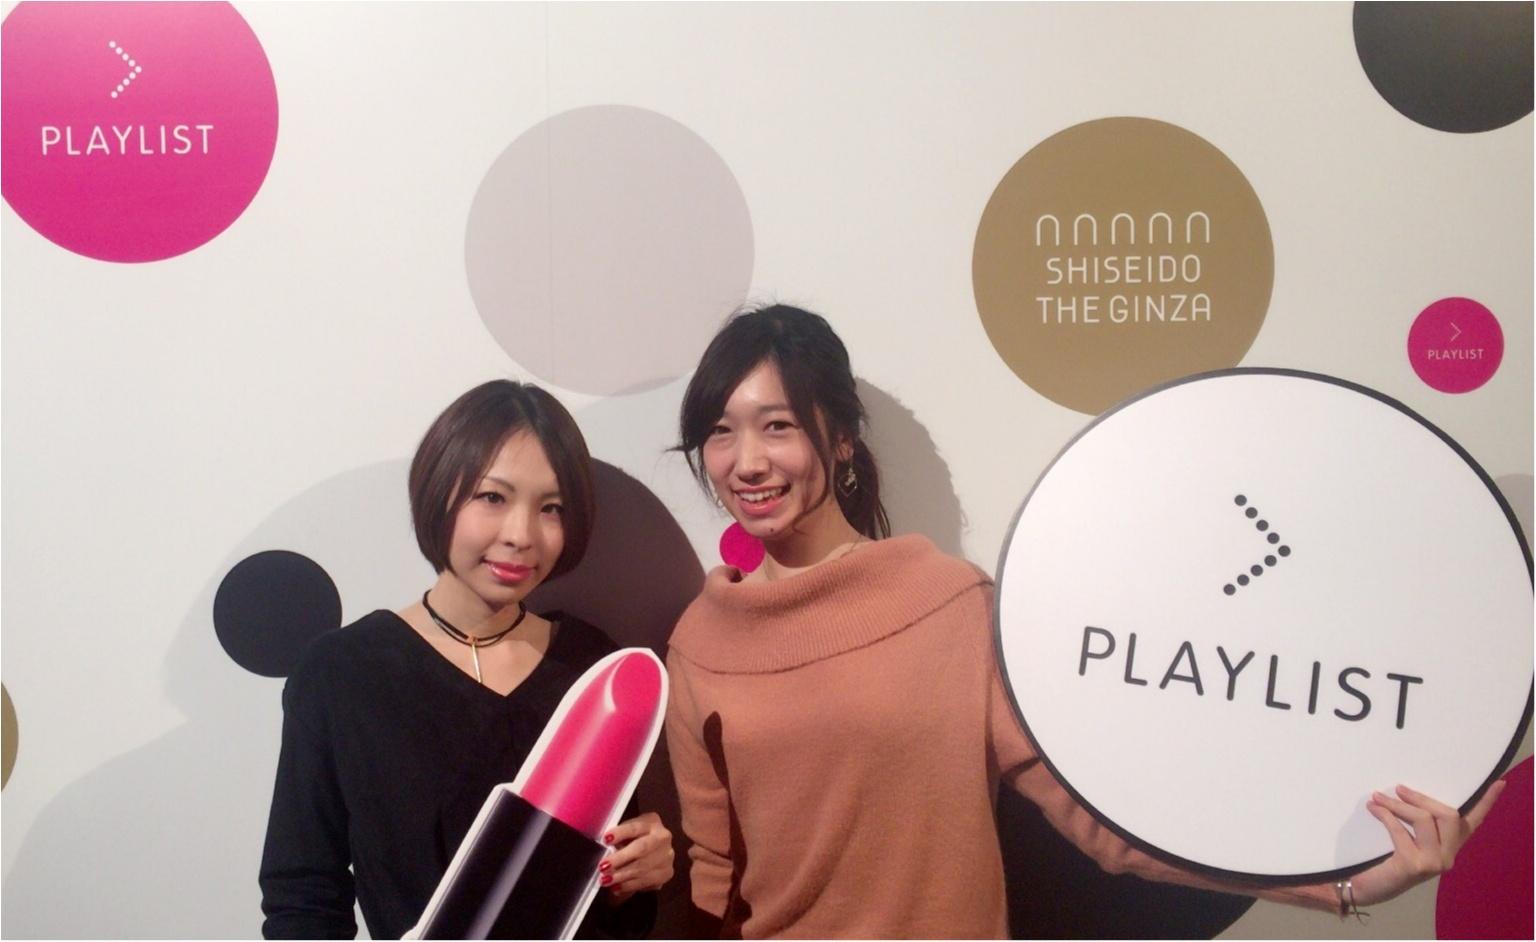 資生堂の新ブランド『プレイリスト』の魅力を体感できる特別イベントに行ってきました♫_1